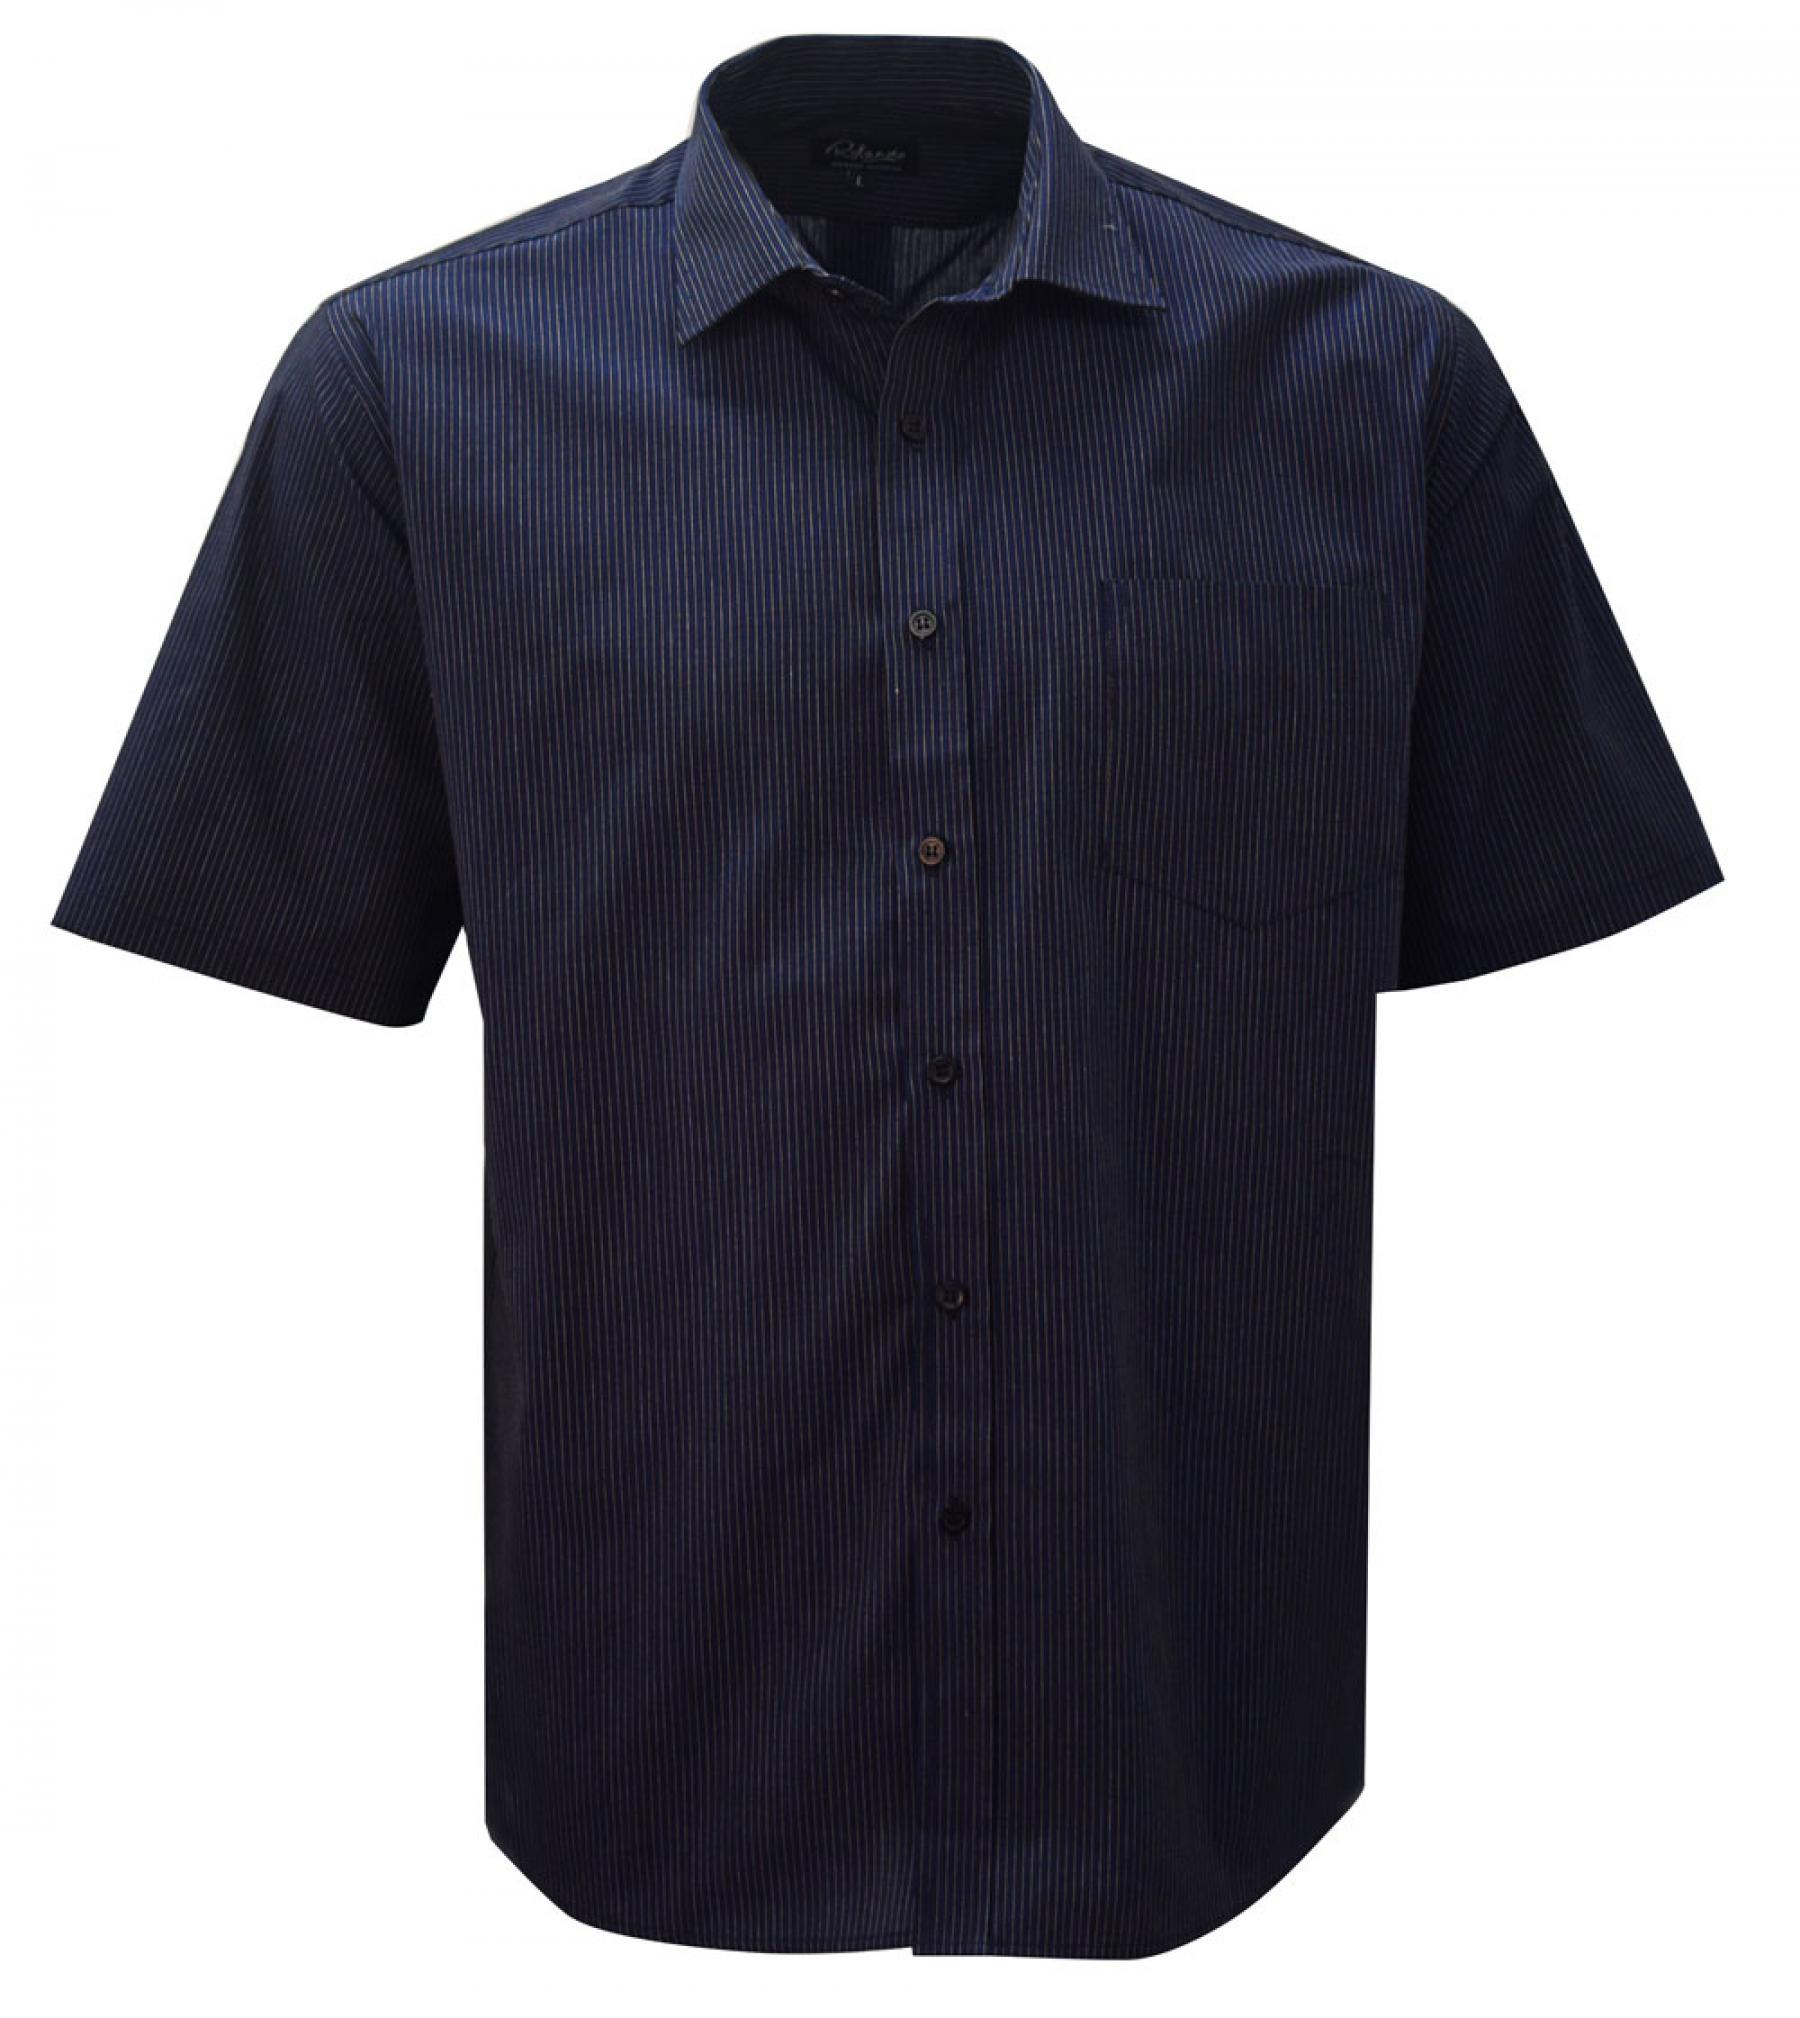 S/s K122 Lounge Shirt - Cobalt